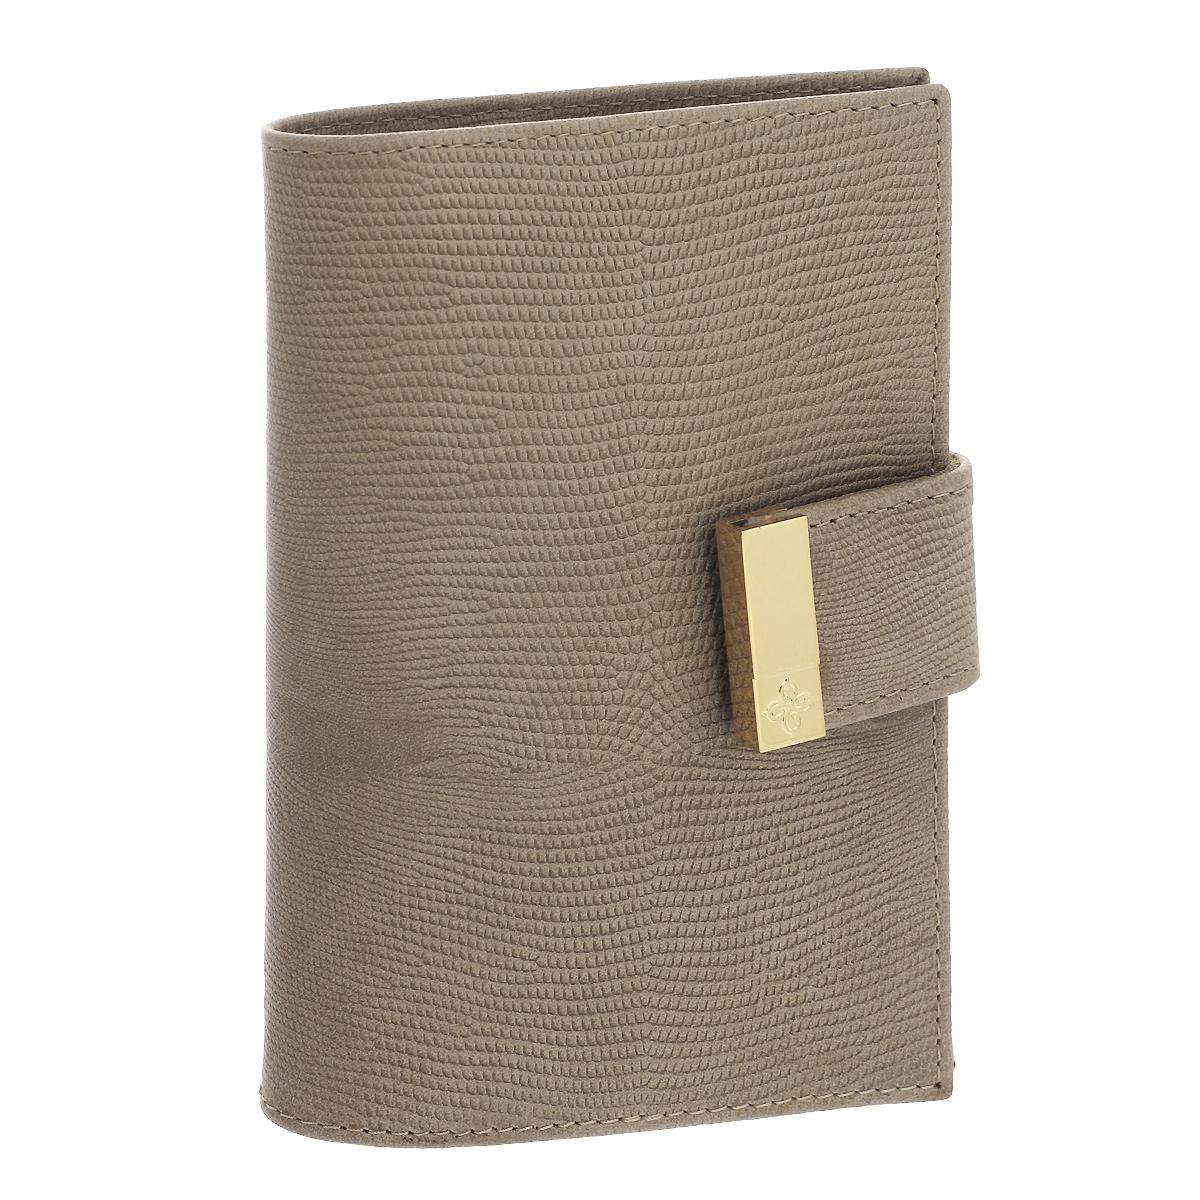 Обложка для паспорта Dimanche Elite Beige, цвет: бежевый. 7301-022_516Обложка для паспорта Elite Beige выполнена из натуральной кожи с декоративным тиснением под варана. На внутреннем развороте - два кармашка из прозрачного пластика. Обложка застегивается на хлястик с кнопкой.Обложка не только поможет сохранить внешний вид ваших документов и защитит их от повреждений, но и станет стильным аксессуаром, который подчеркнет ваш неповторимый стиль.Обложка упакована в коробку из плотного картона с логотипом фирмы. Характеристики:Материал: натуральная кожа, ПВХ. Цвет: бежевый. Размер обложки: 9,5 см х 13,5 см х 1,5 см.